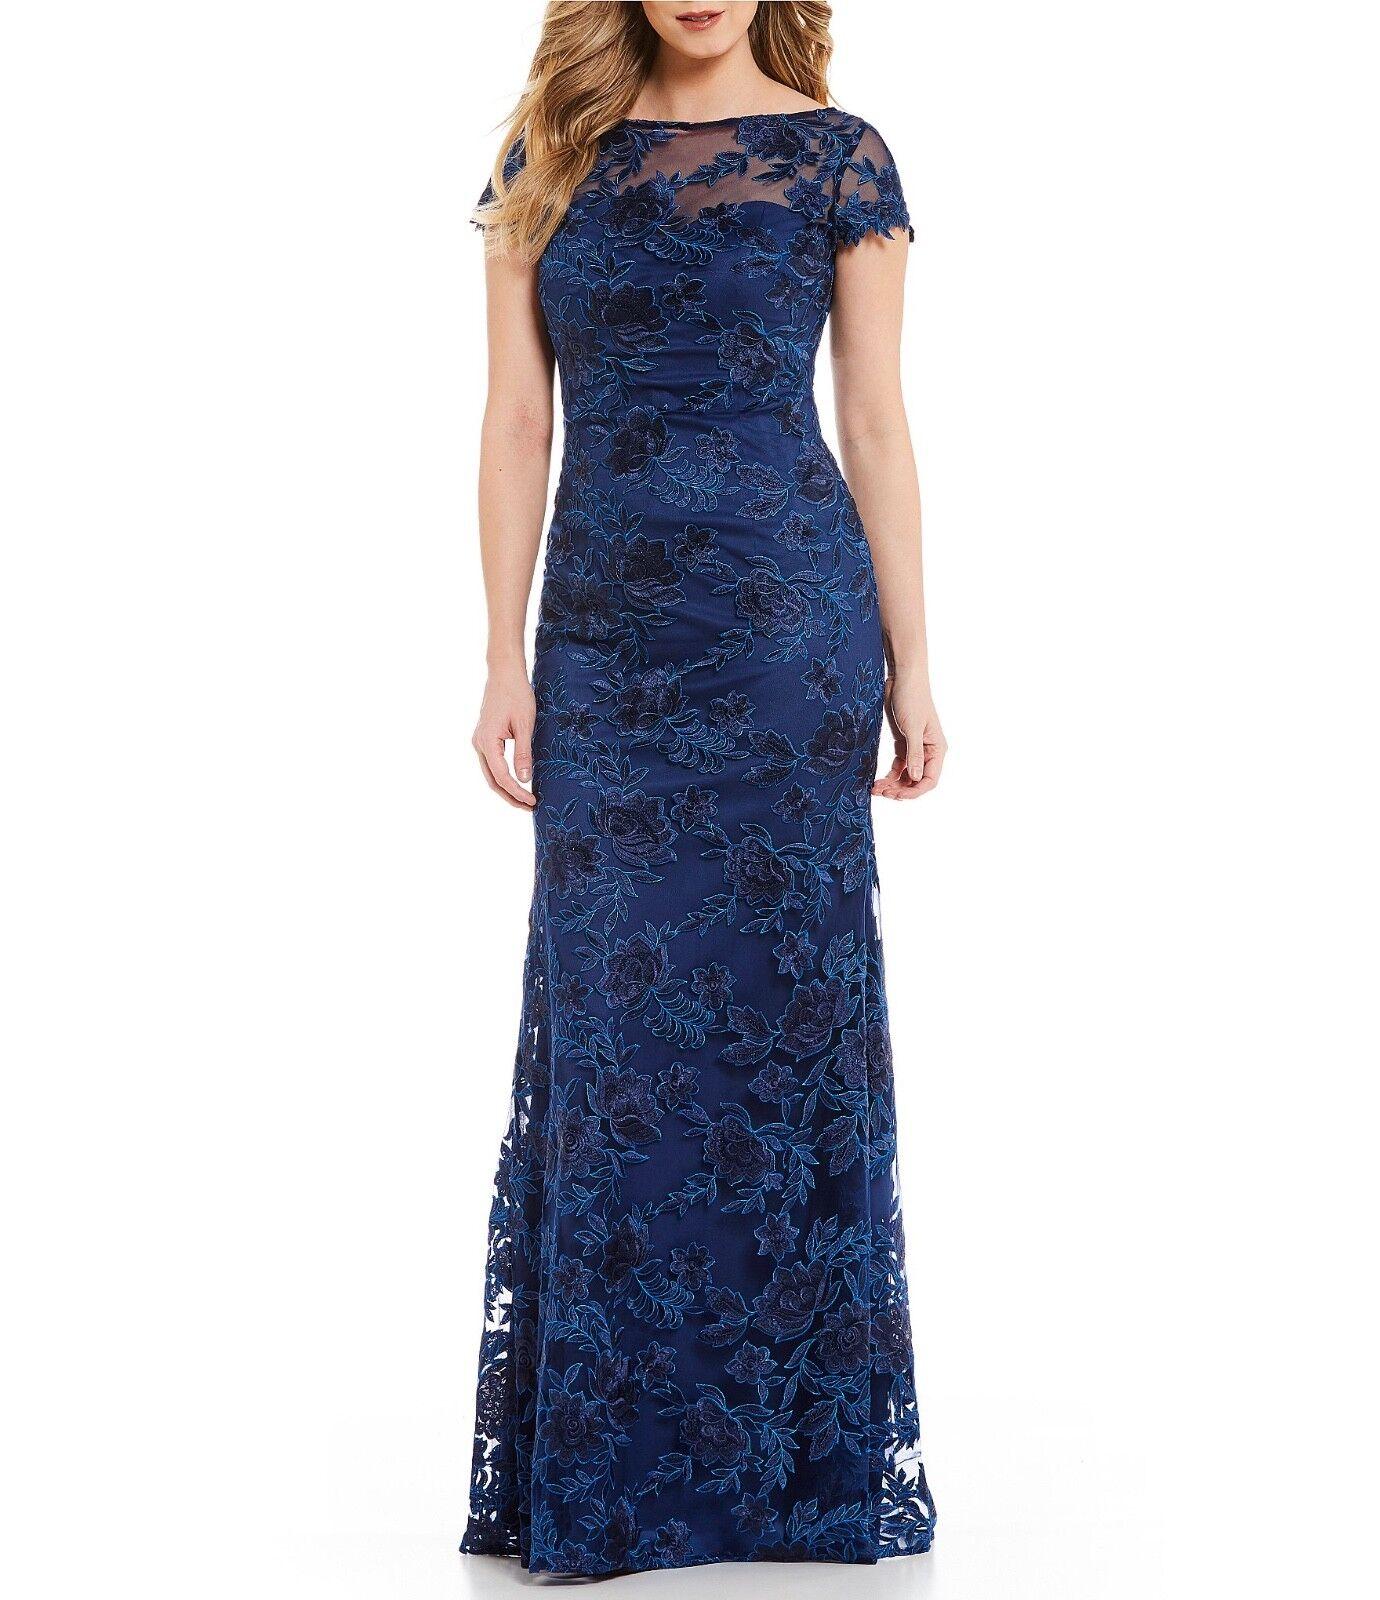 La Femme Cap Sleeve Lace Gown SZ 8  retai  629.00